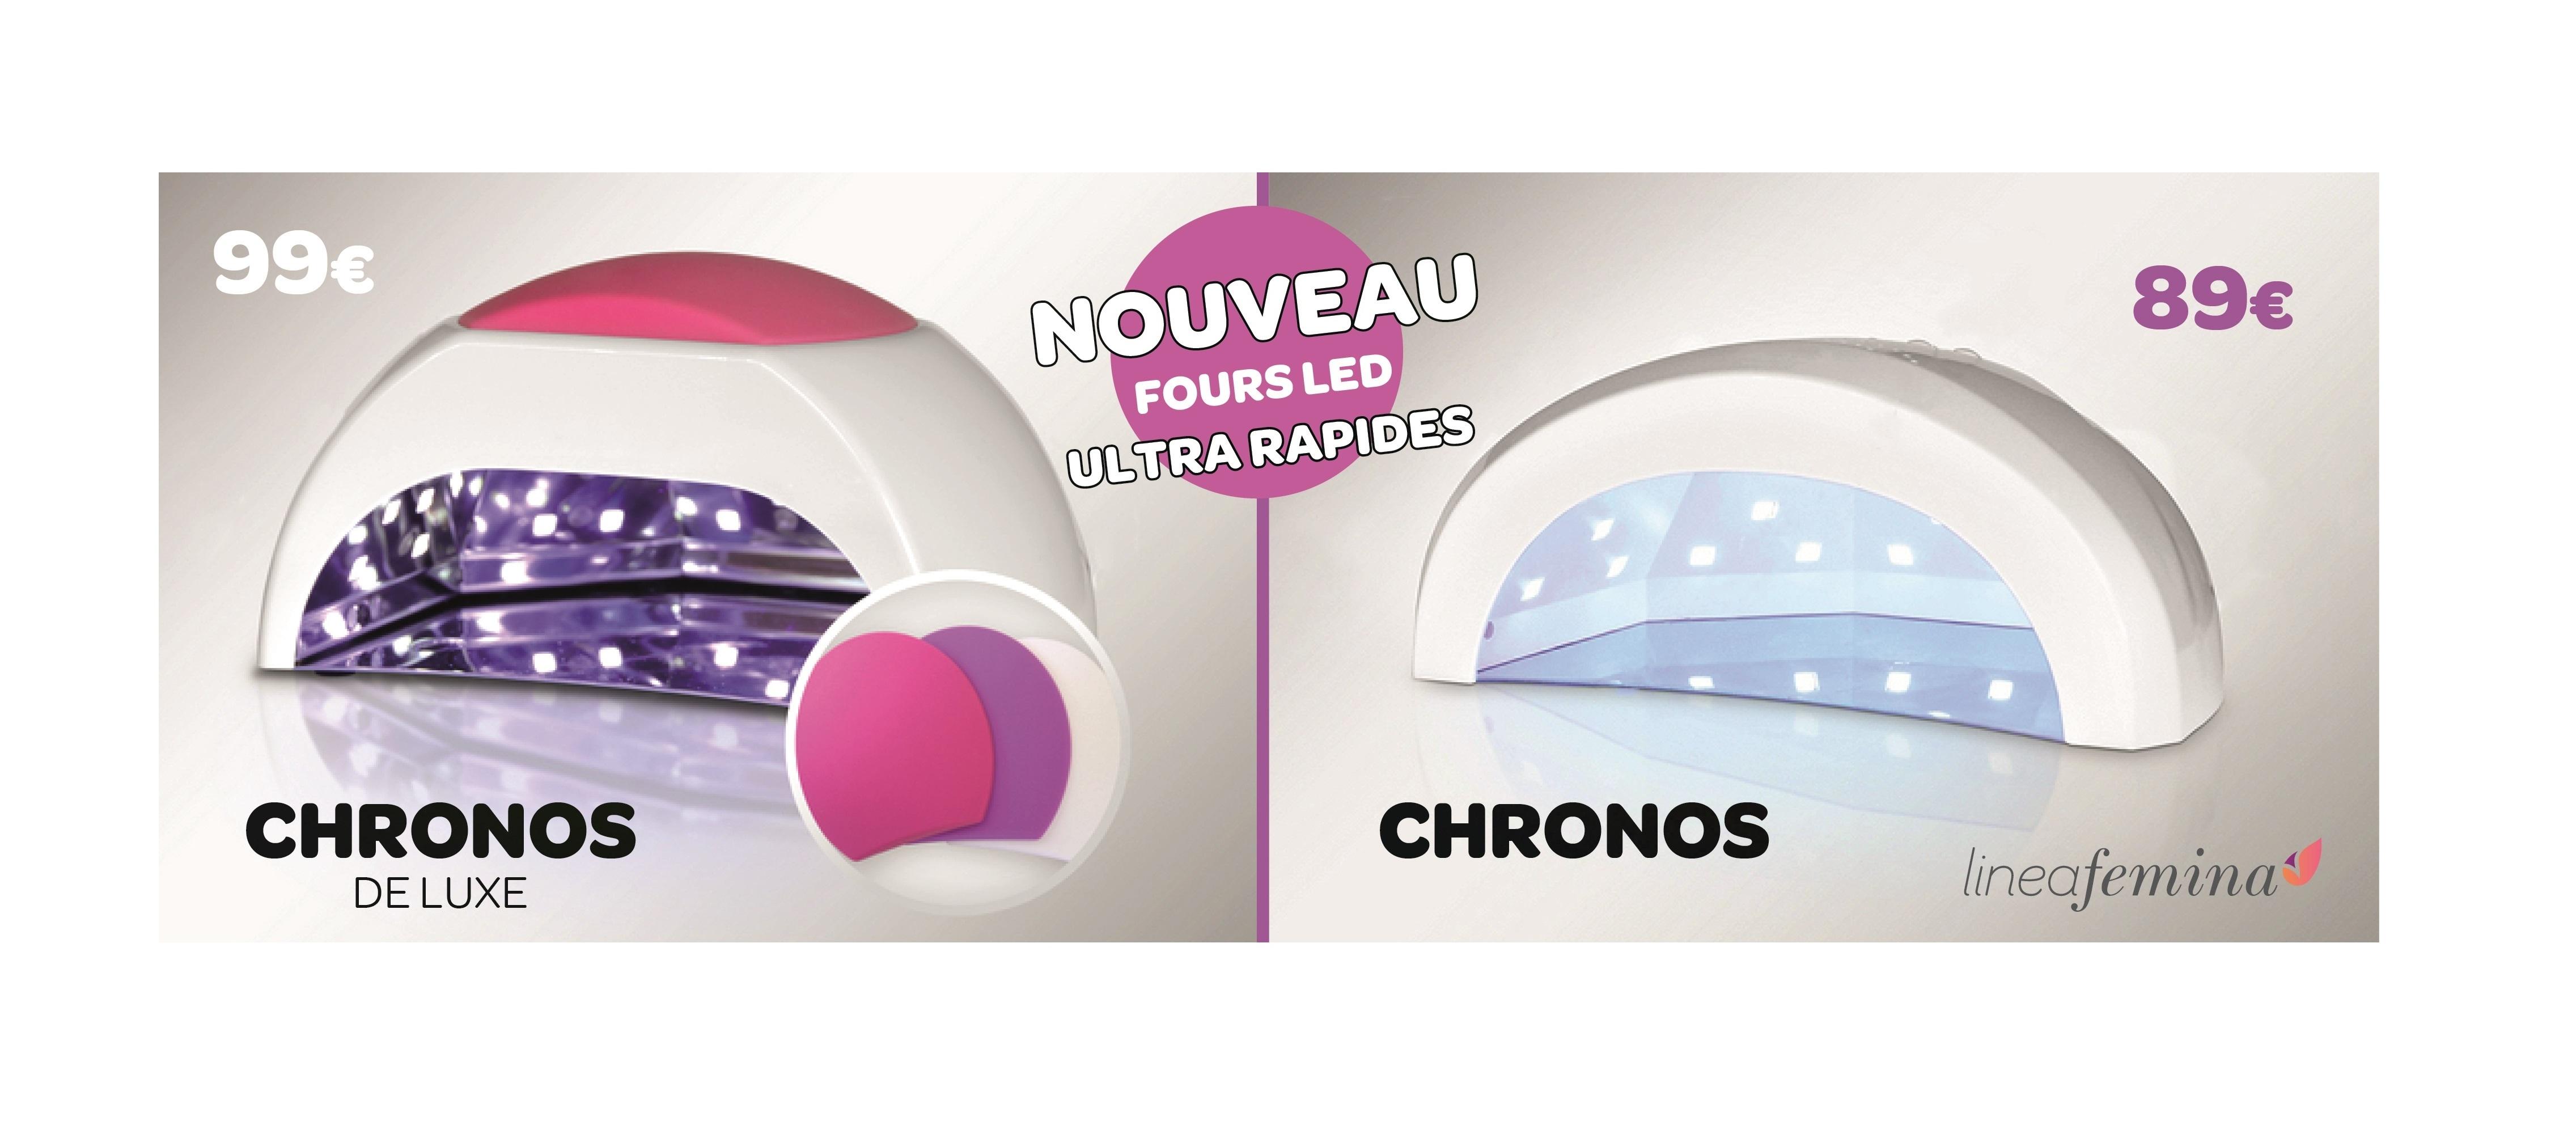 Nouveaux four LED UV Ultra Rapide et Spacieux